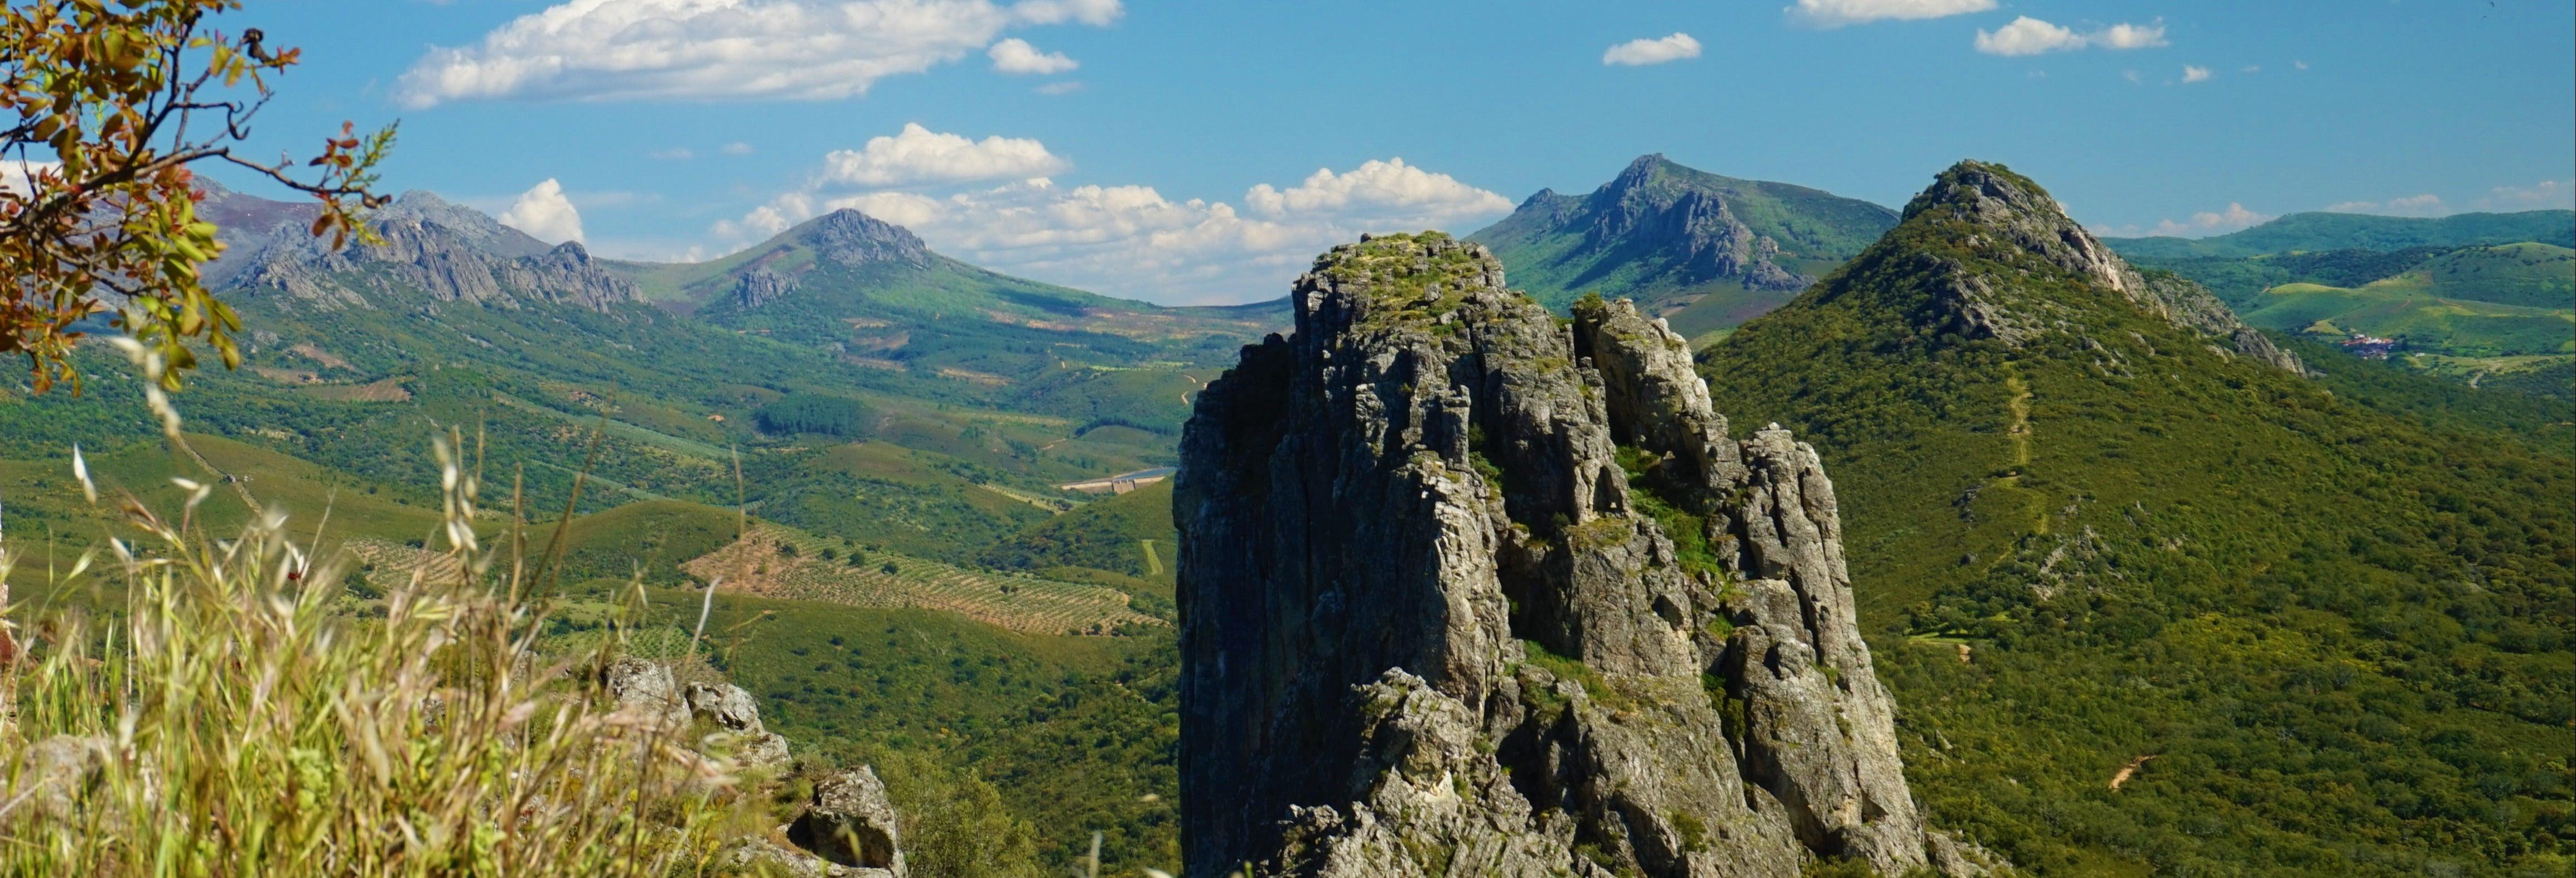 Excursión de senderismo por el Geoparque Villuercas Ibores Jara